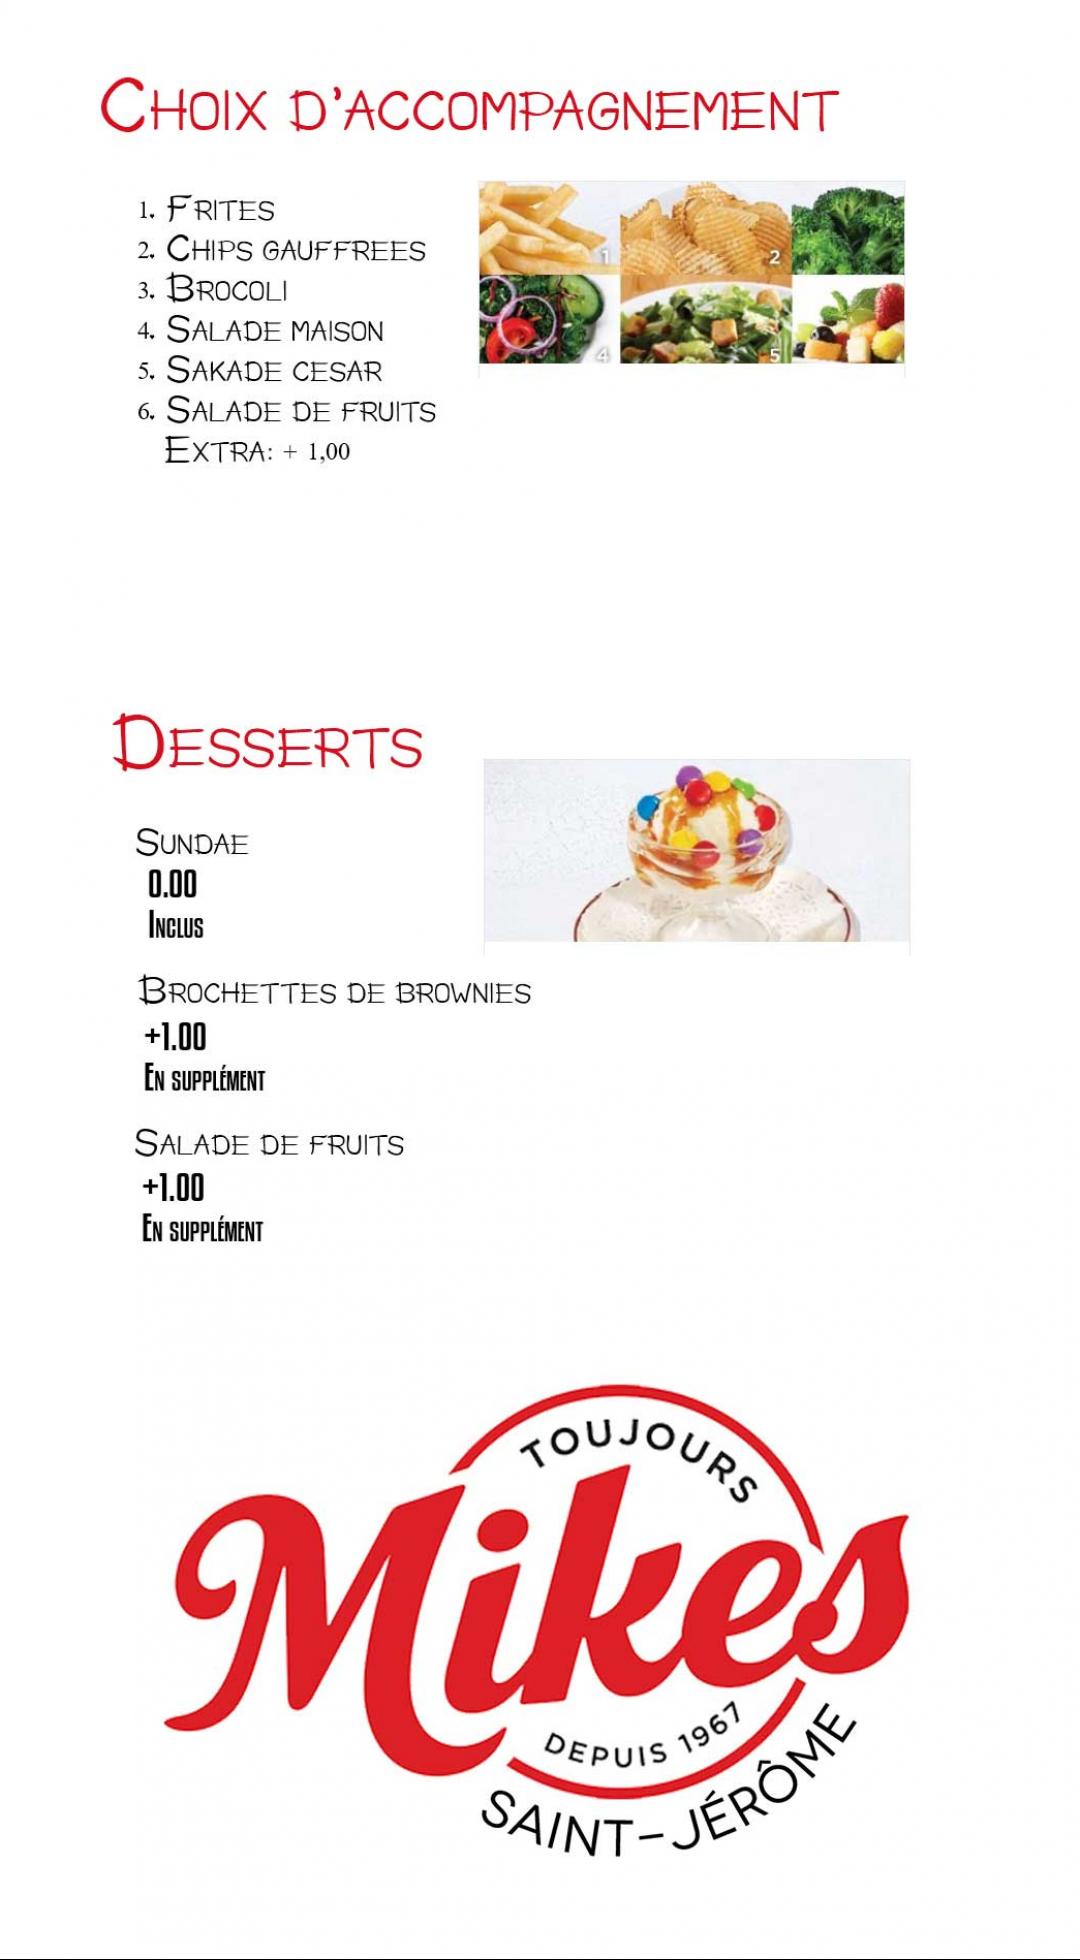 mikes-menu-enfants-desserts.png